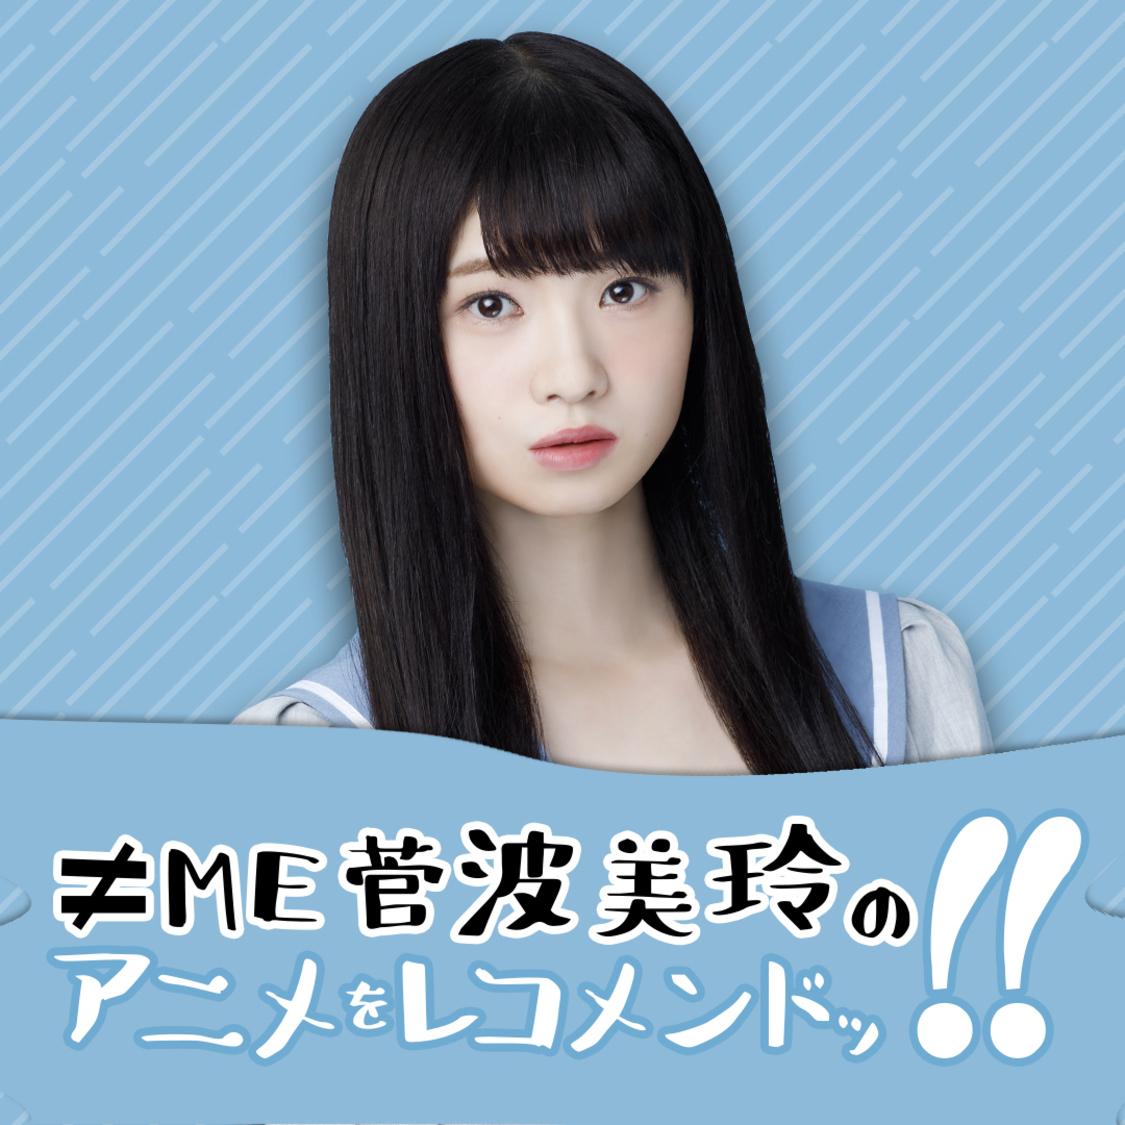 【連載】≠ME 菅波美玲のアニメをレコメンドッ!!